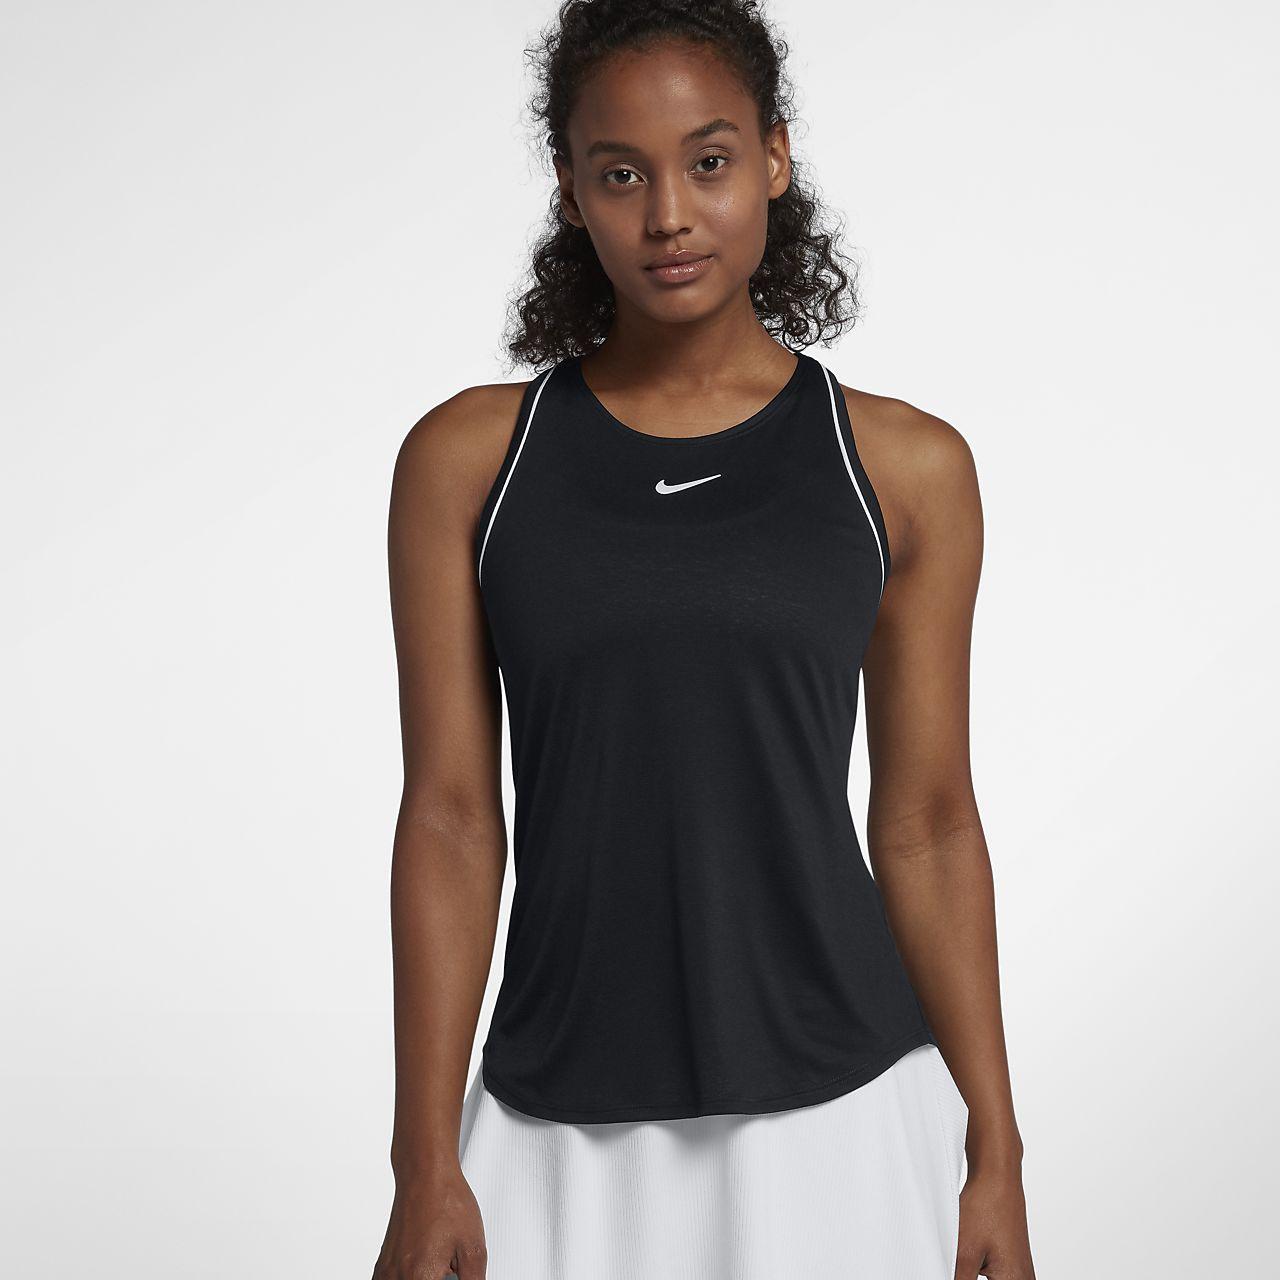 Camisola de ténis sem mangas NikeCourt Dri-FIT para mulher